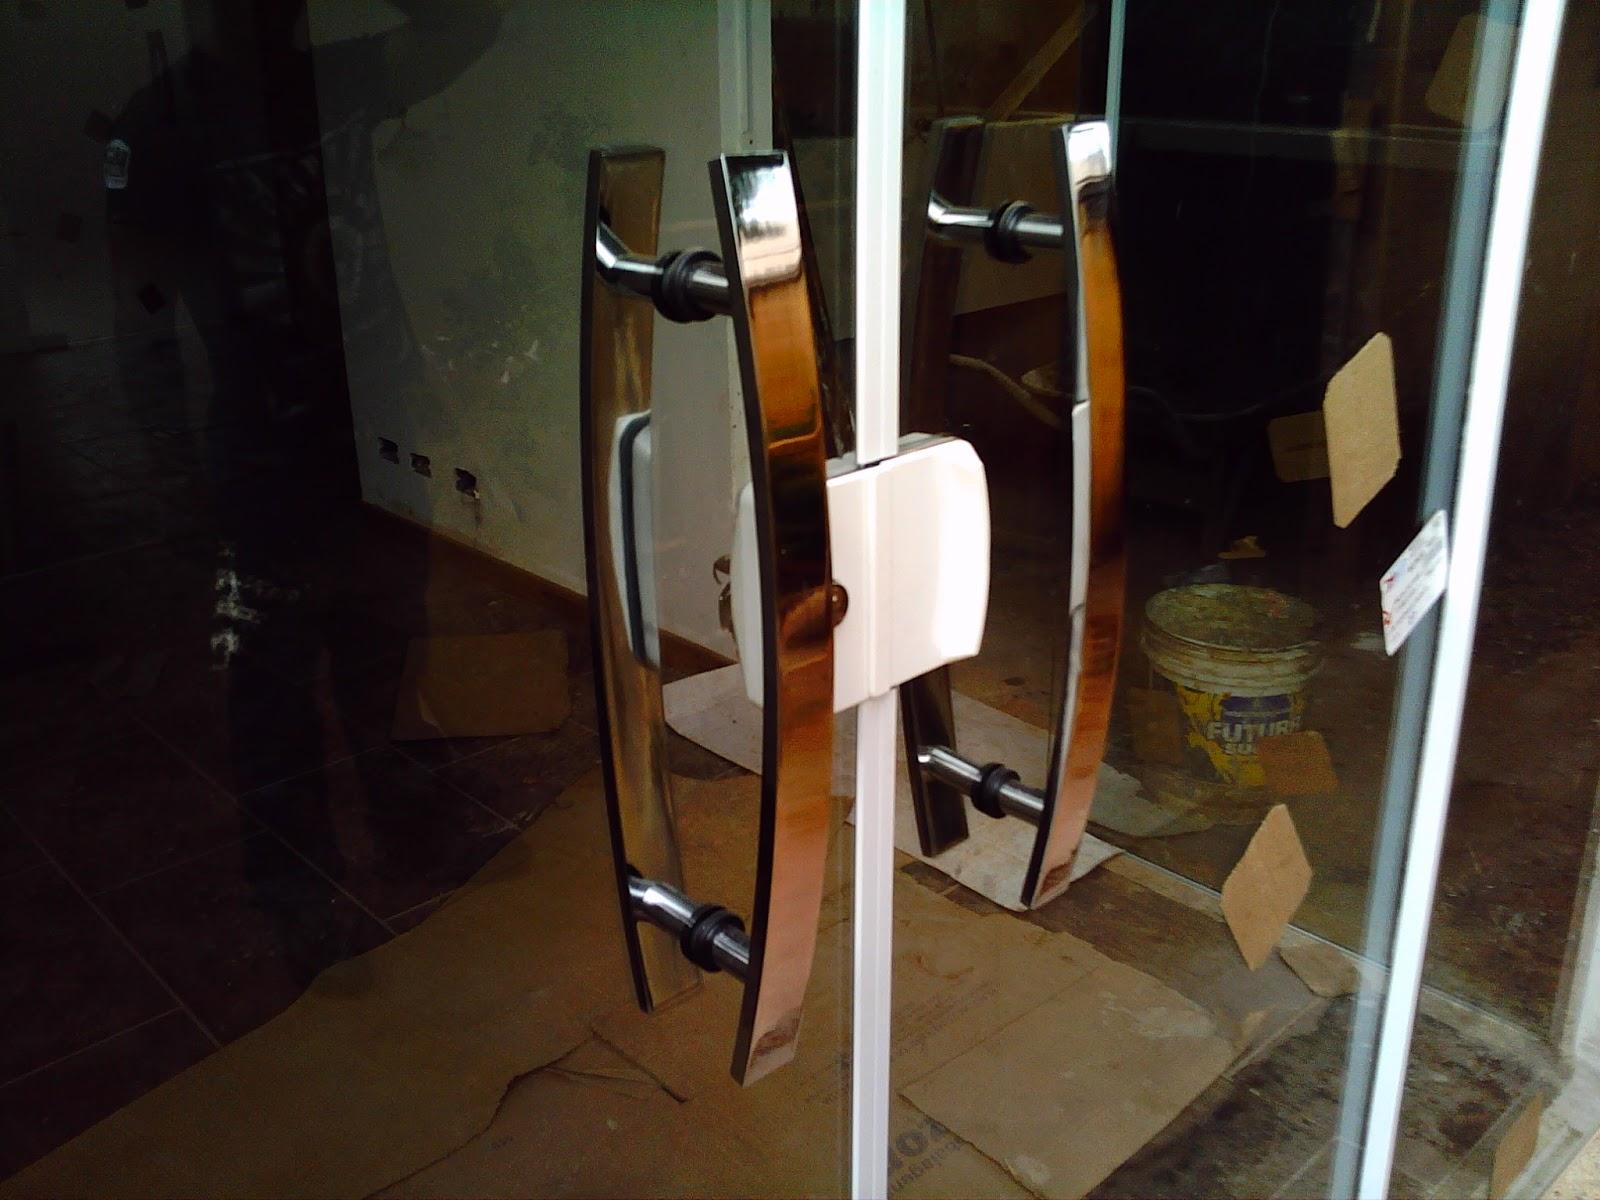 #654322 AF4 TEMPER VIDROS: Portas pivotante e janelas vidro pontilhado 246 Janelas De Vidro Pivotantes